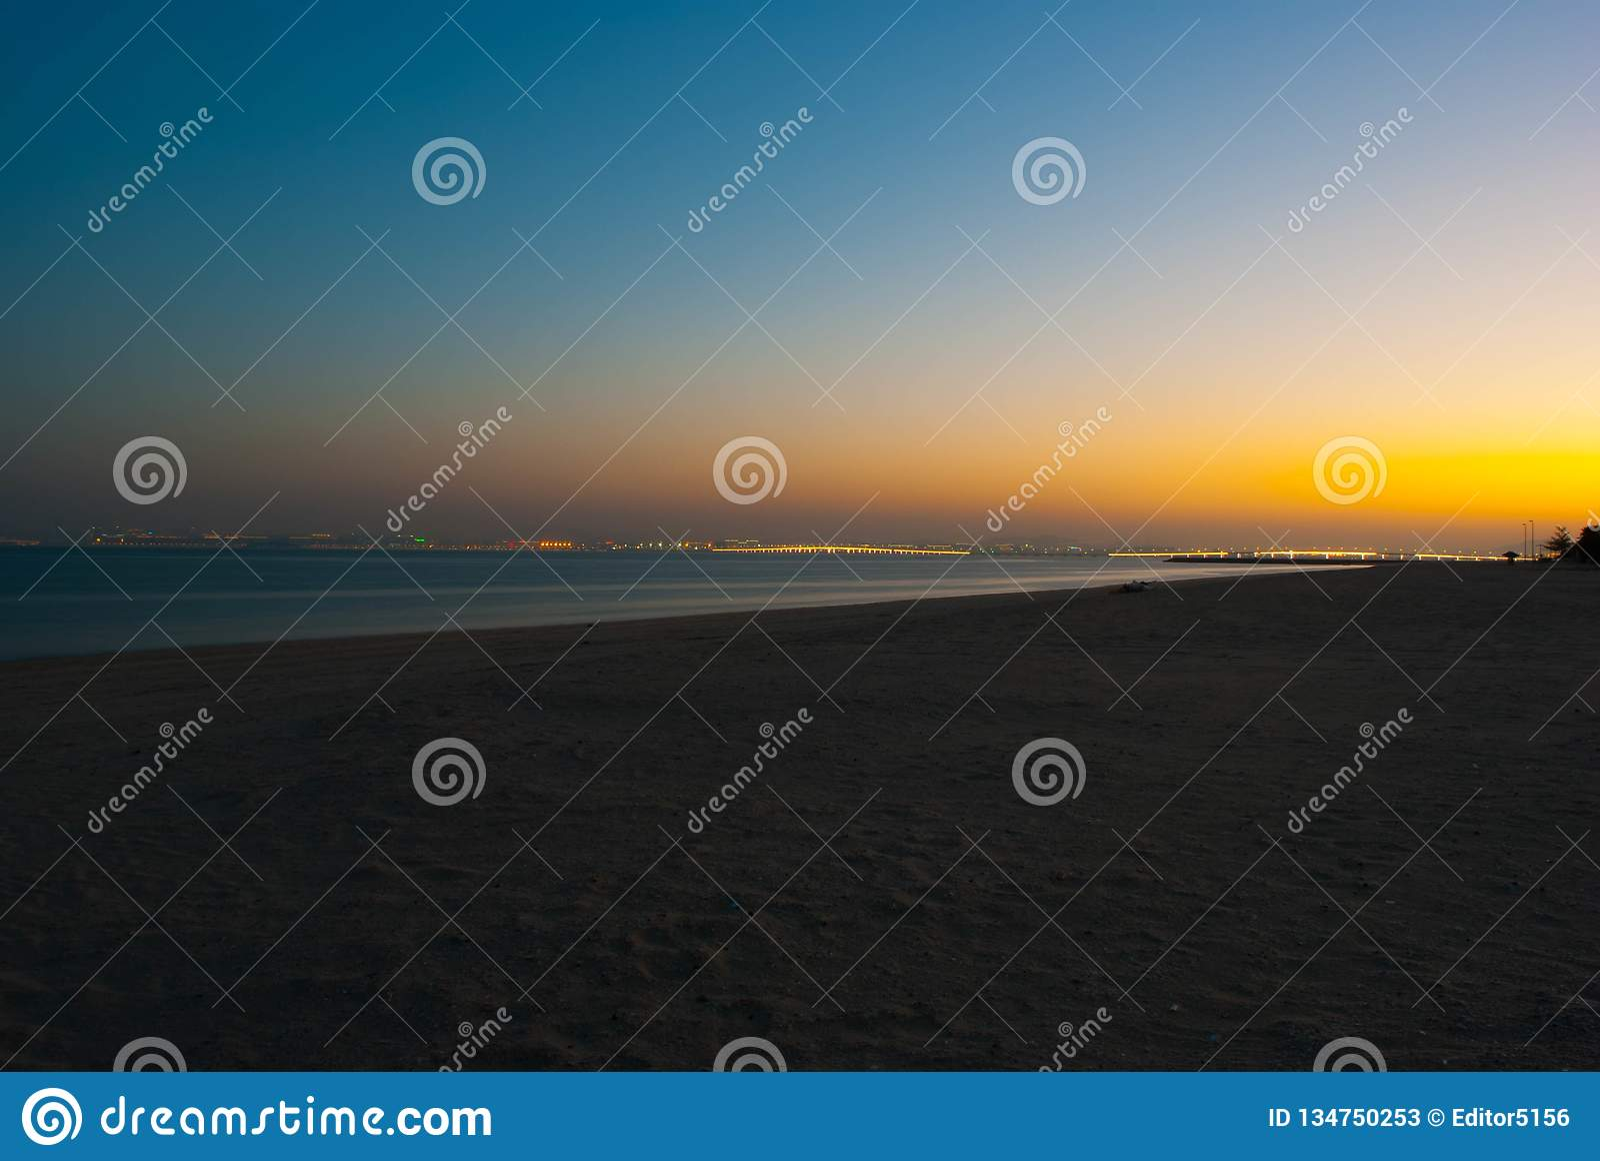 Morze i plaża w nocy